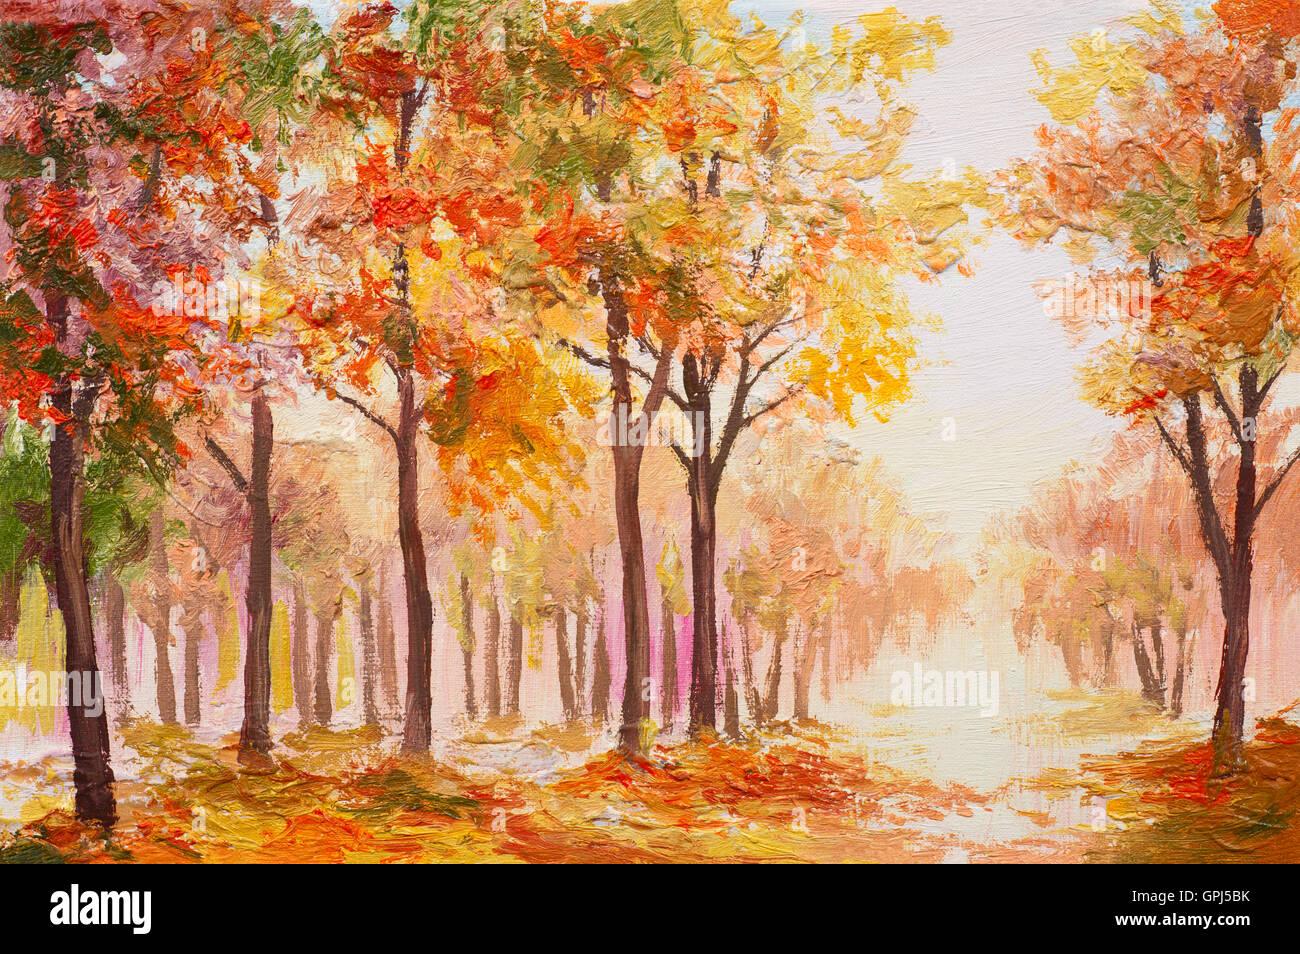 Pintura al Óleo - paisaje colorido bosque de otoño Imagen De Stock